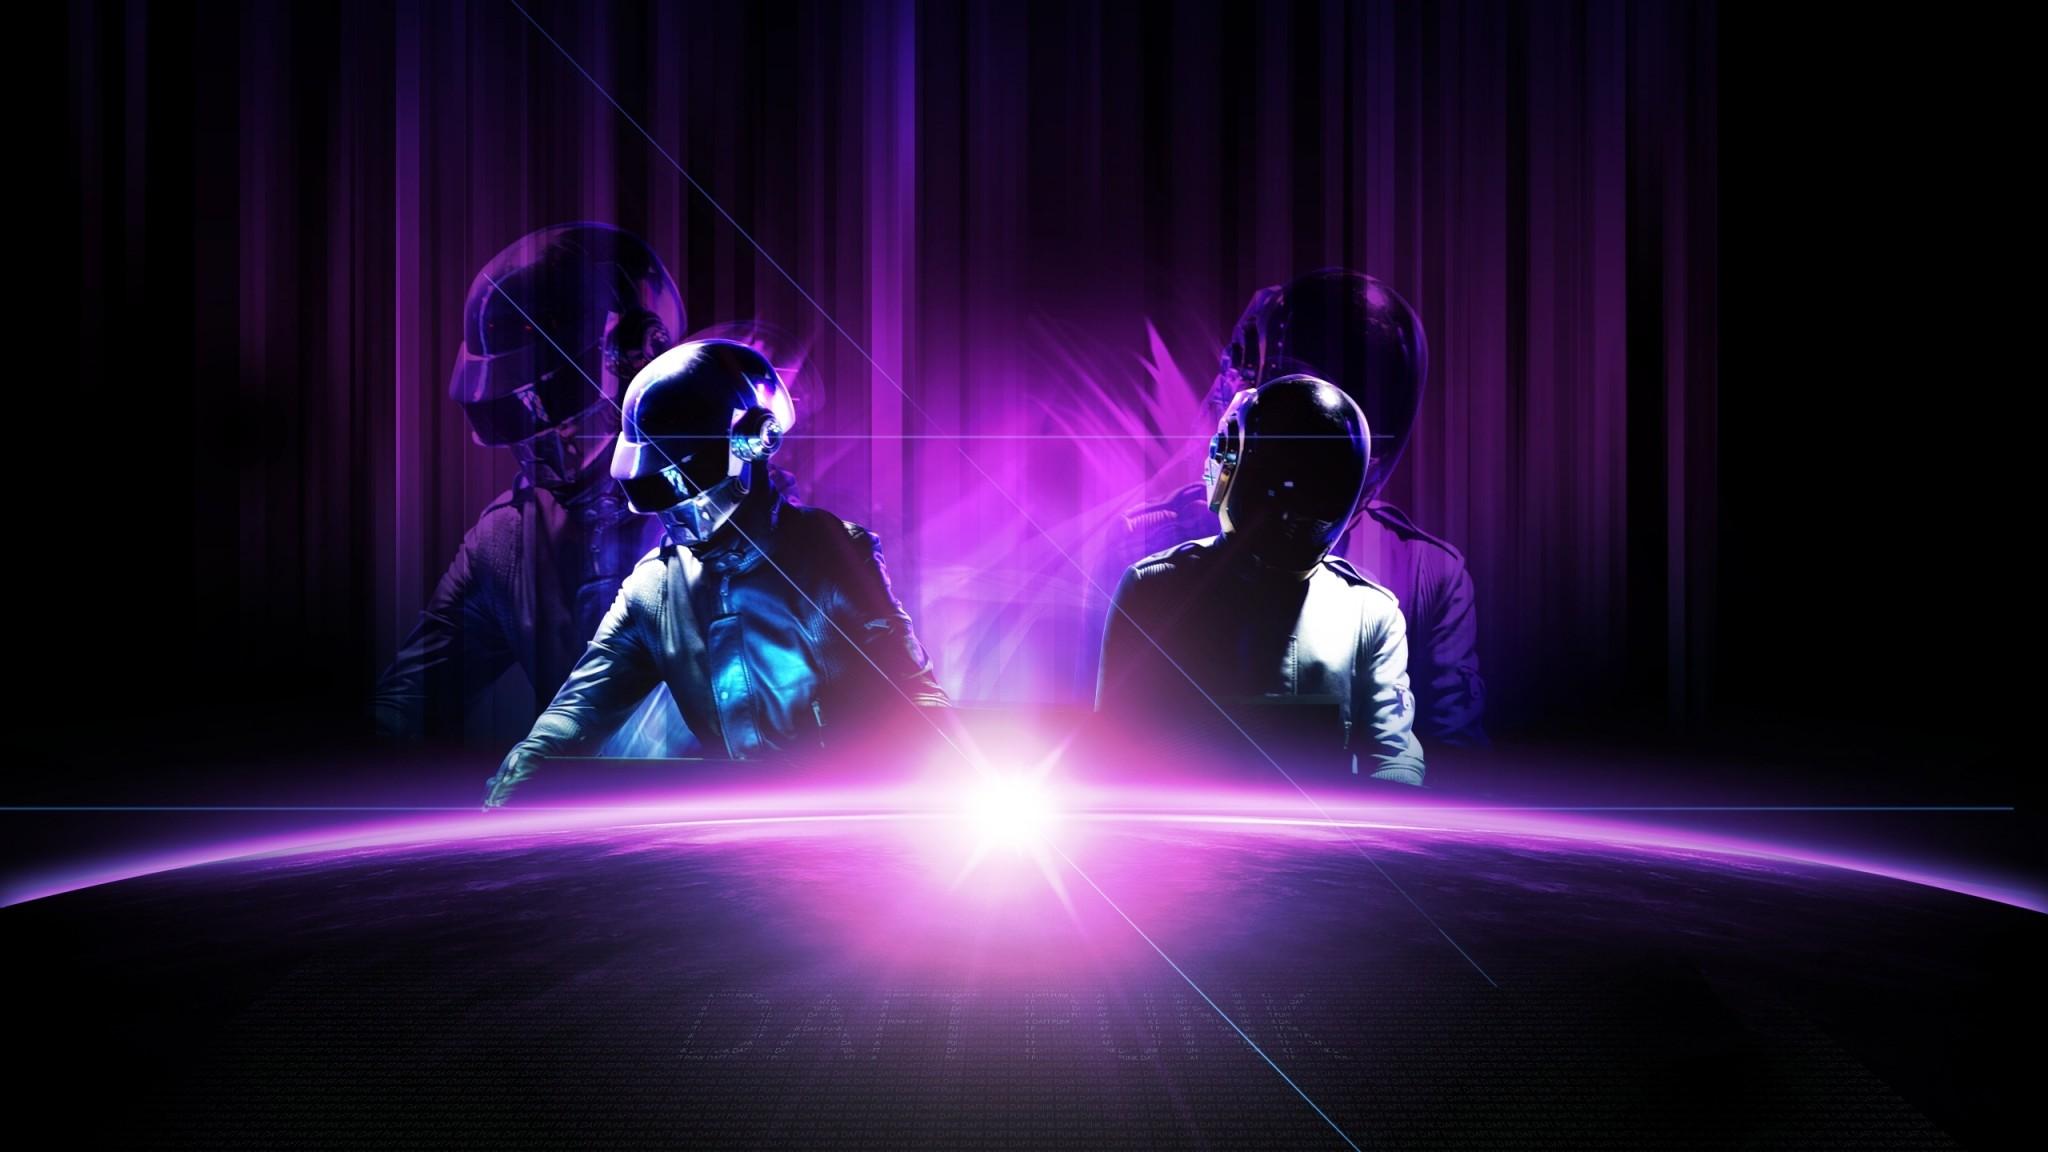 Daft Punk Musicians Wide    HD HD Wallpaper